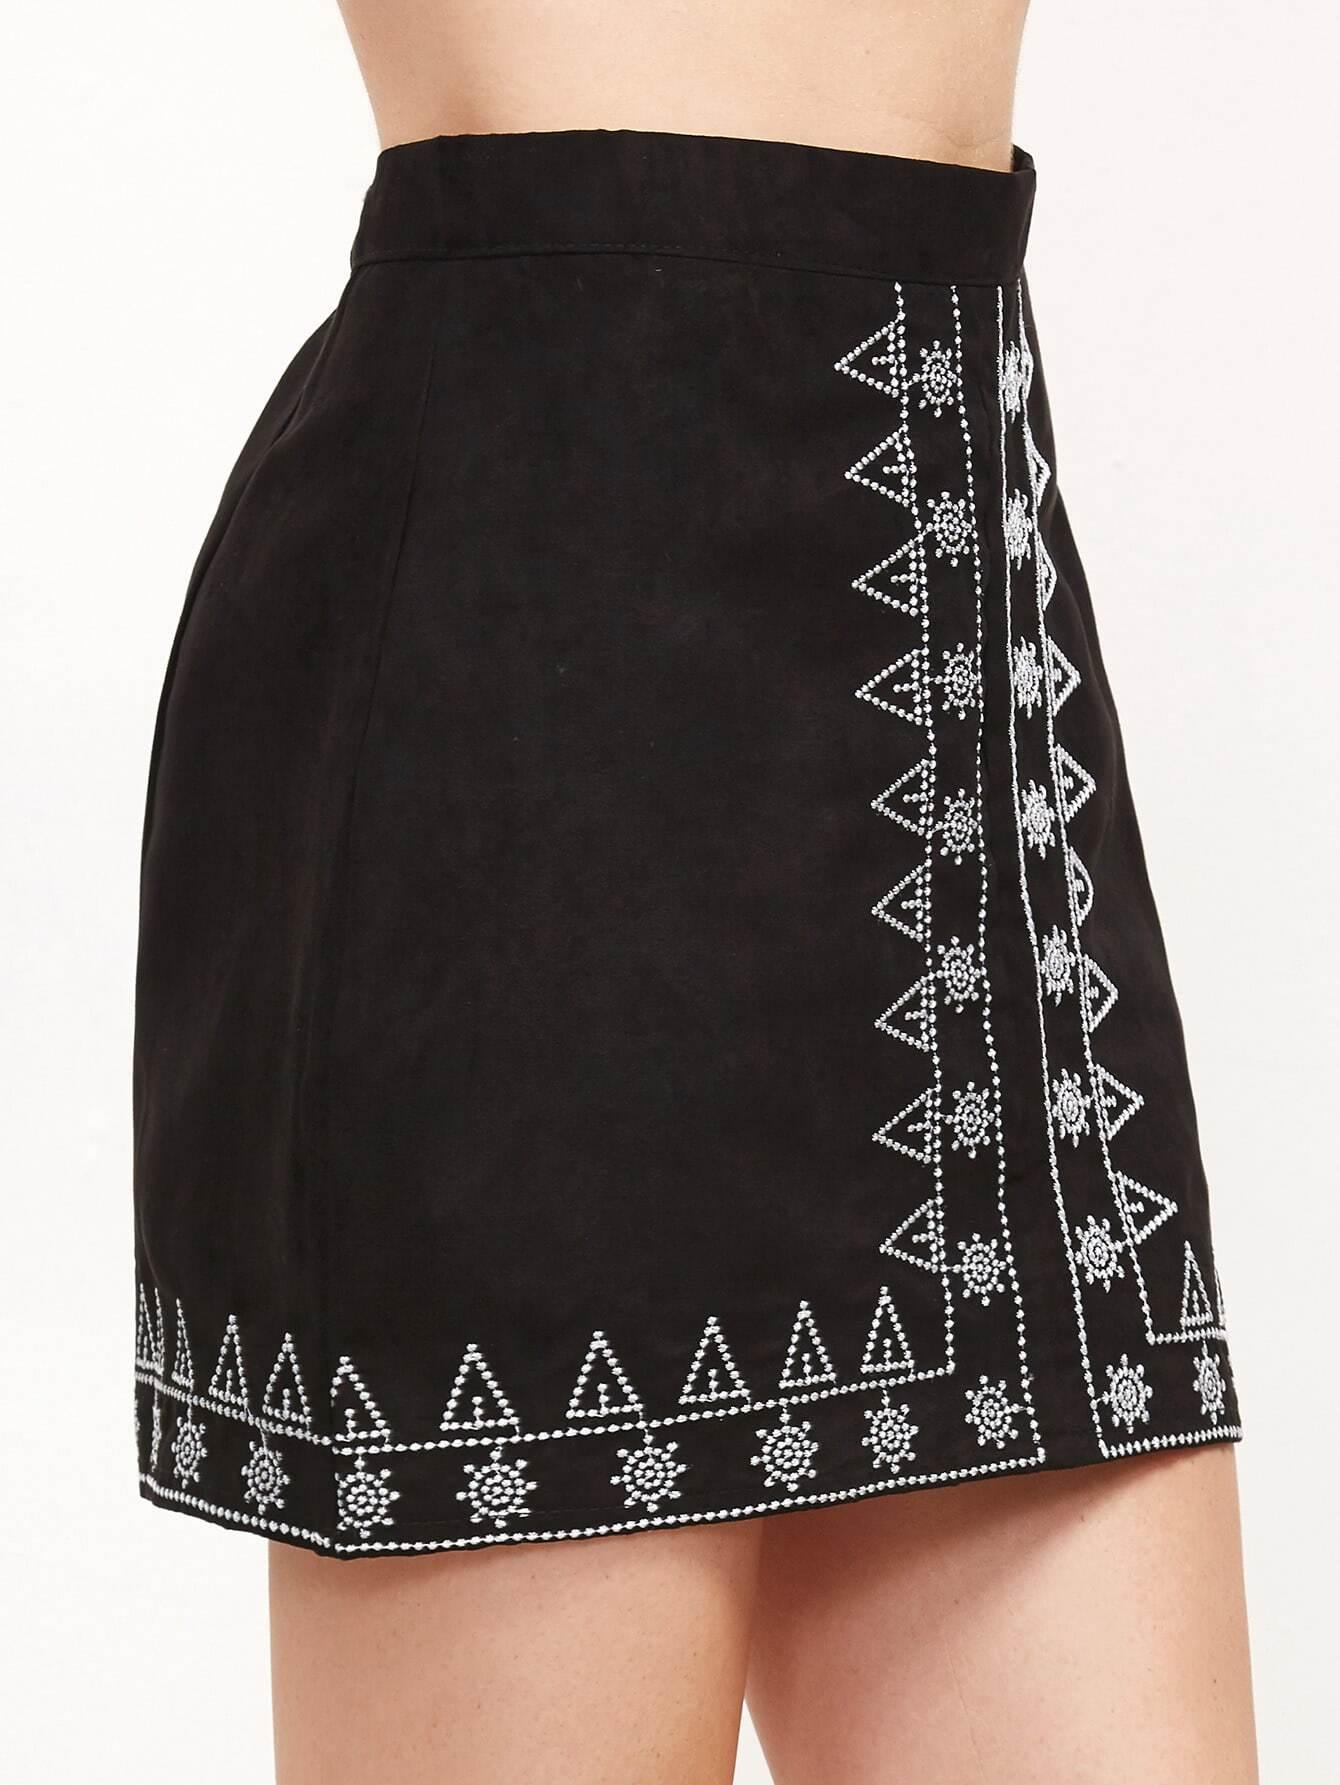 skirt161025301_2